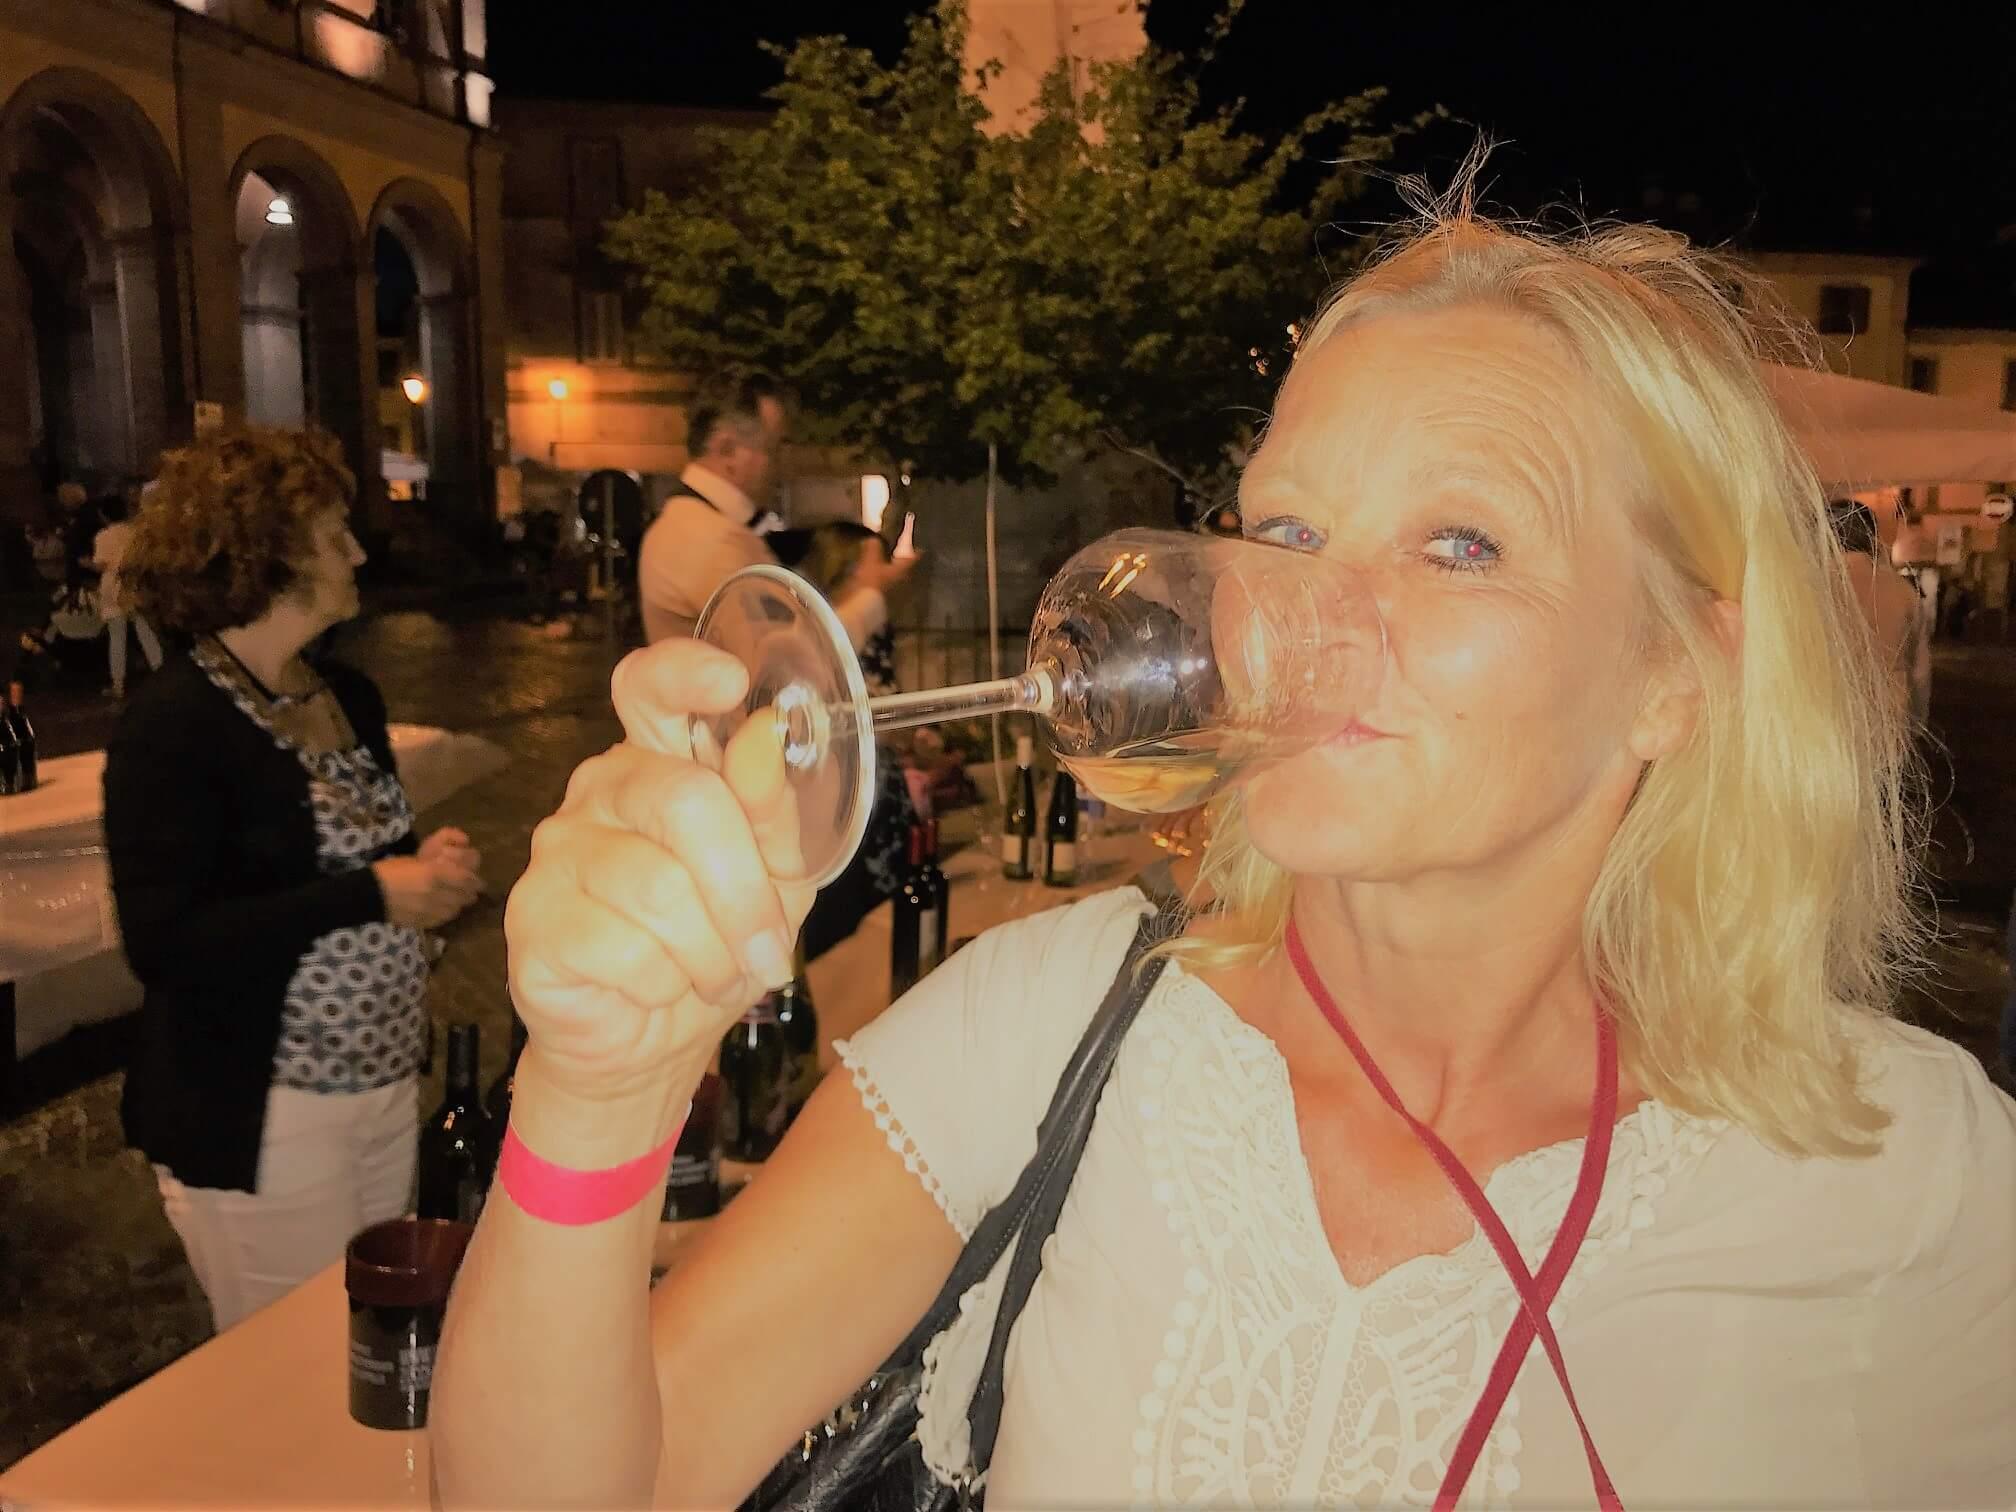 vinfestival i landsbyen - hvilken vin er best?